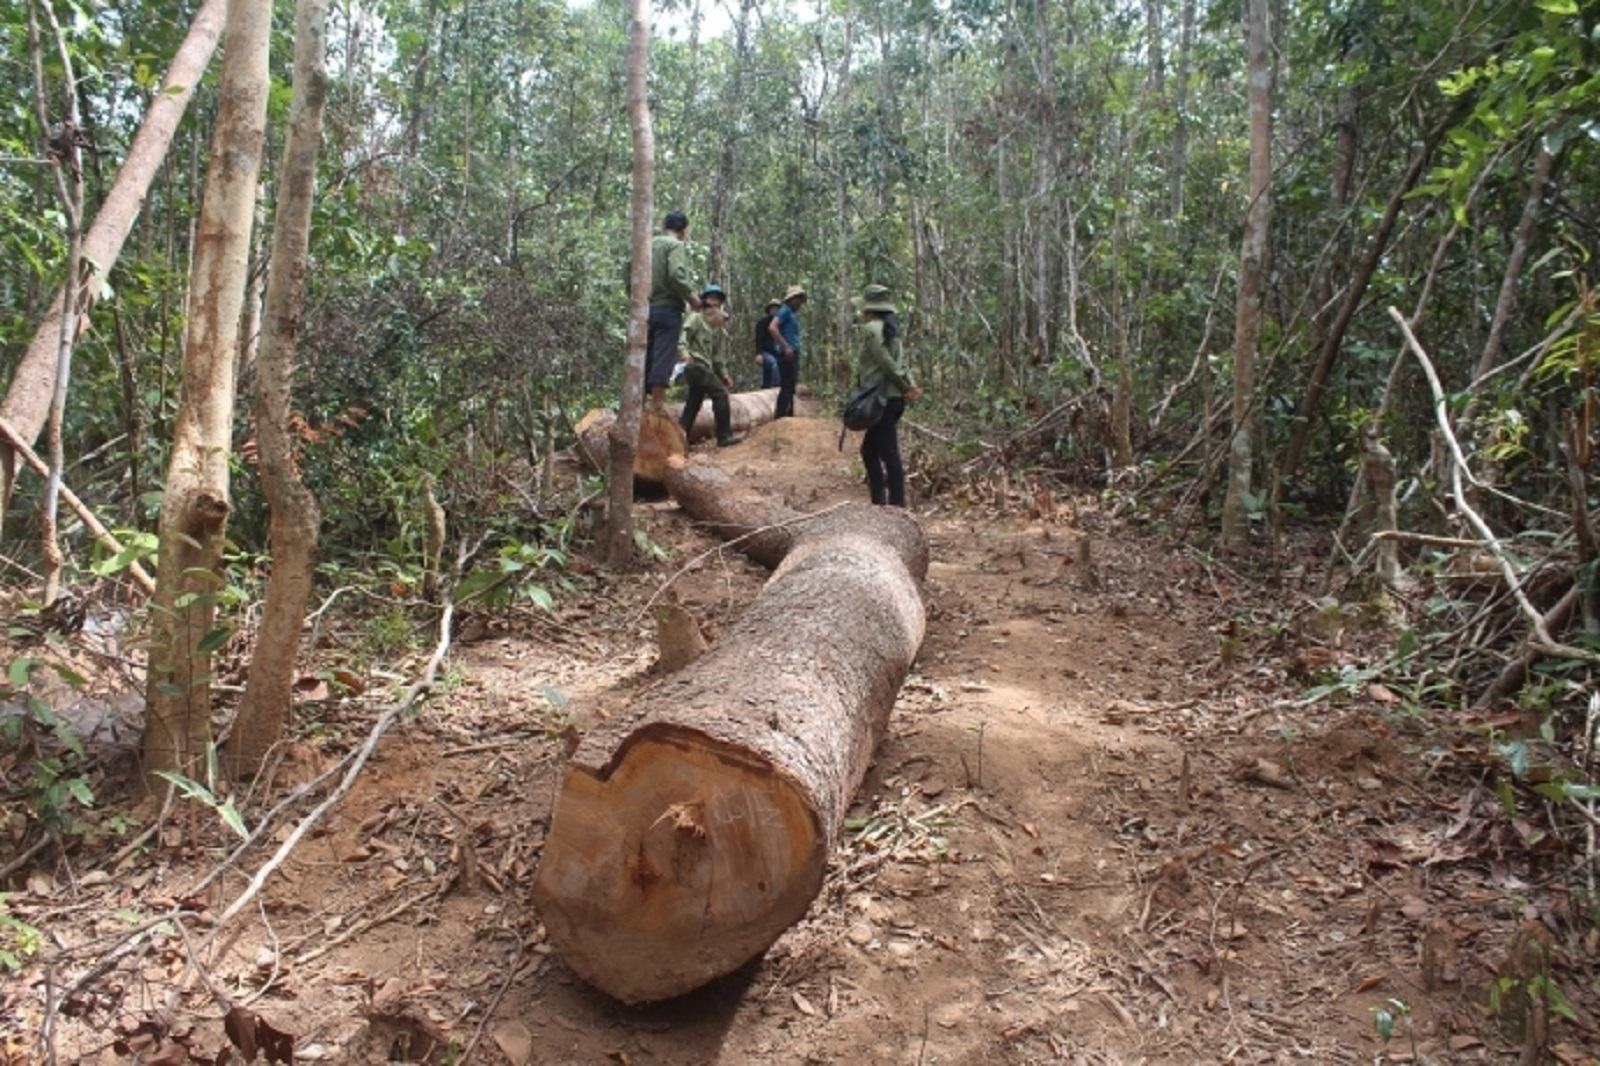 Gia Lai: Bảo vệ rừng bịa chuyện bị 20 lâm tặc tấn công, cướp gỗ